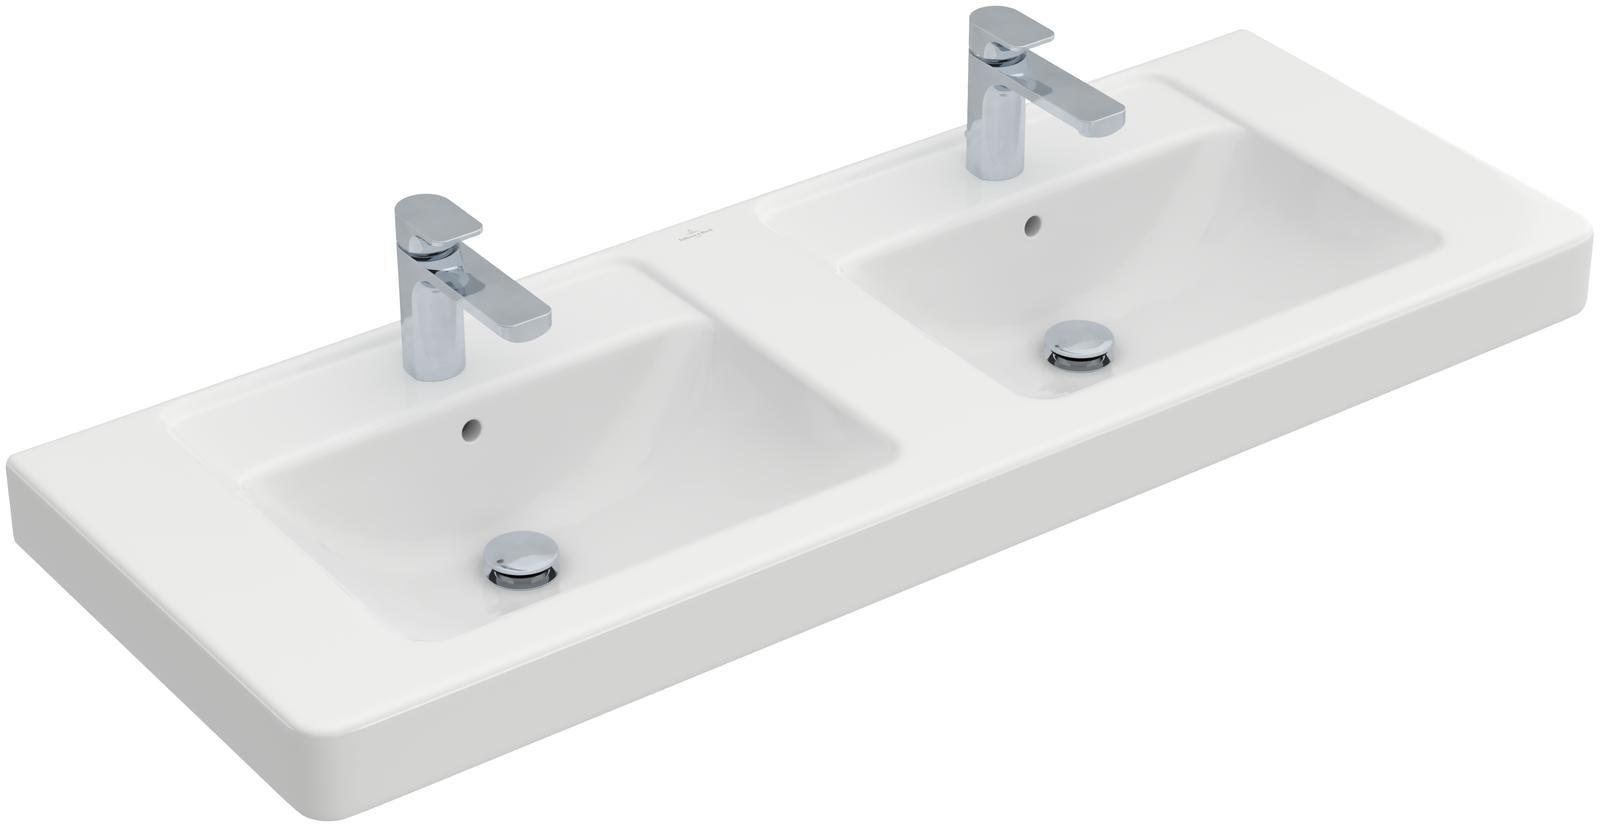 Villeroy & Boch Architectura Doppelwaschtisch B:130xT:48,5cm 1 Hahnloch mit Überlauf weiß mit Ceramicplus 613113R1